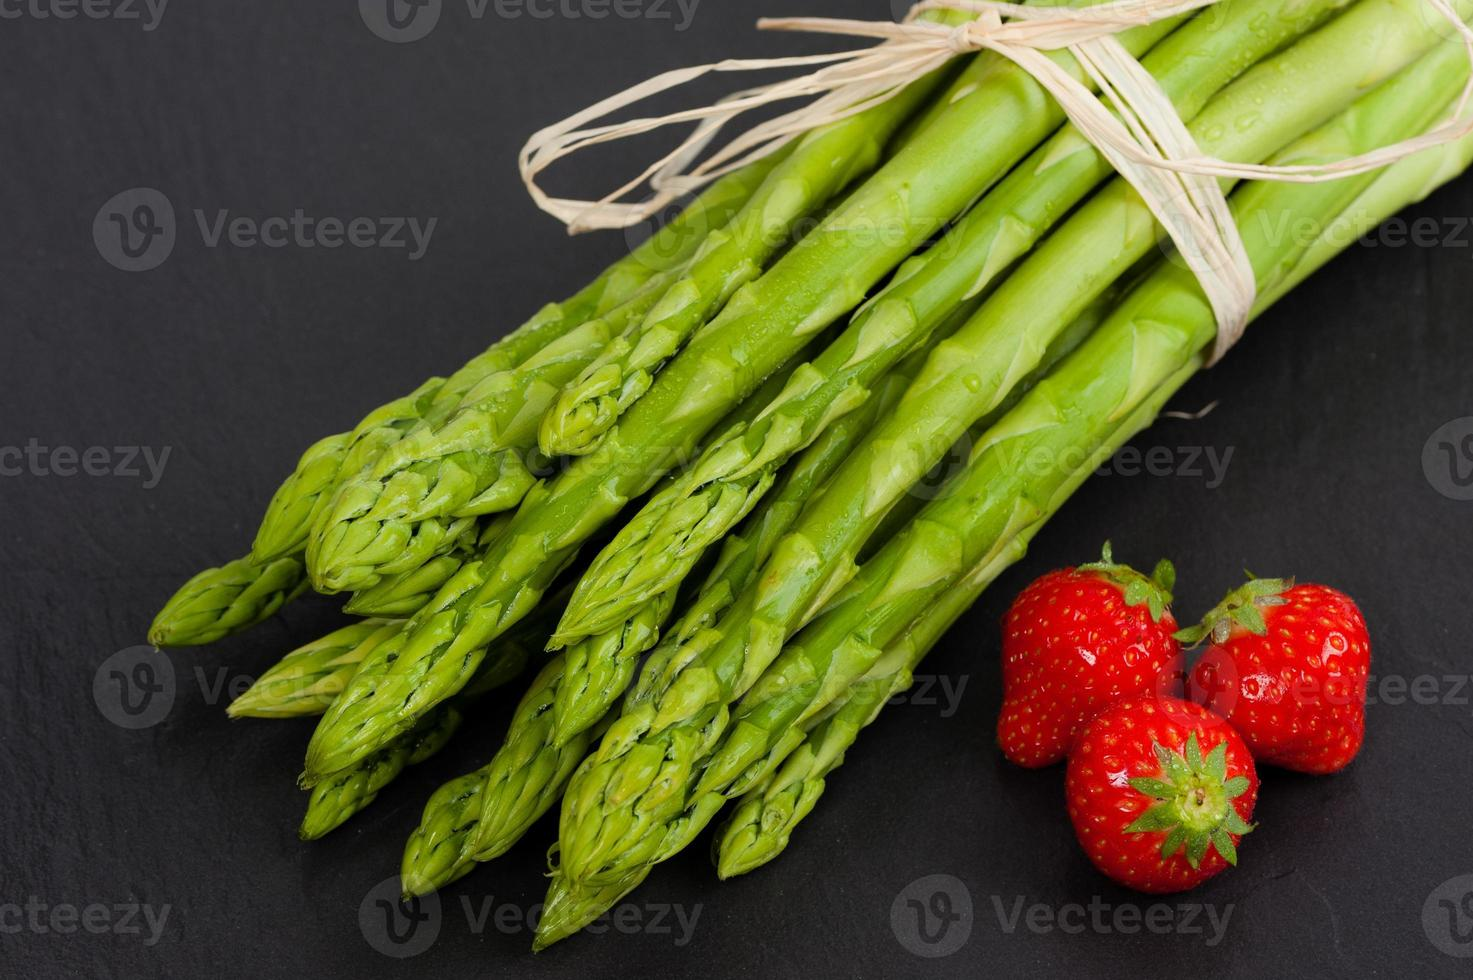 frischer grüner Spargel mit Erdbeeren foto